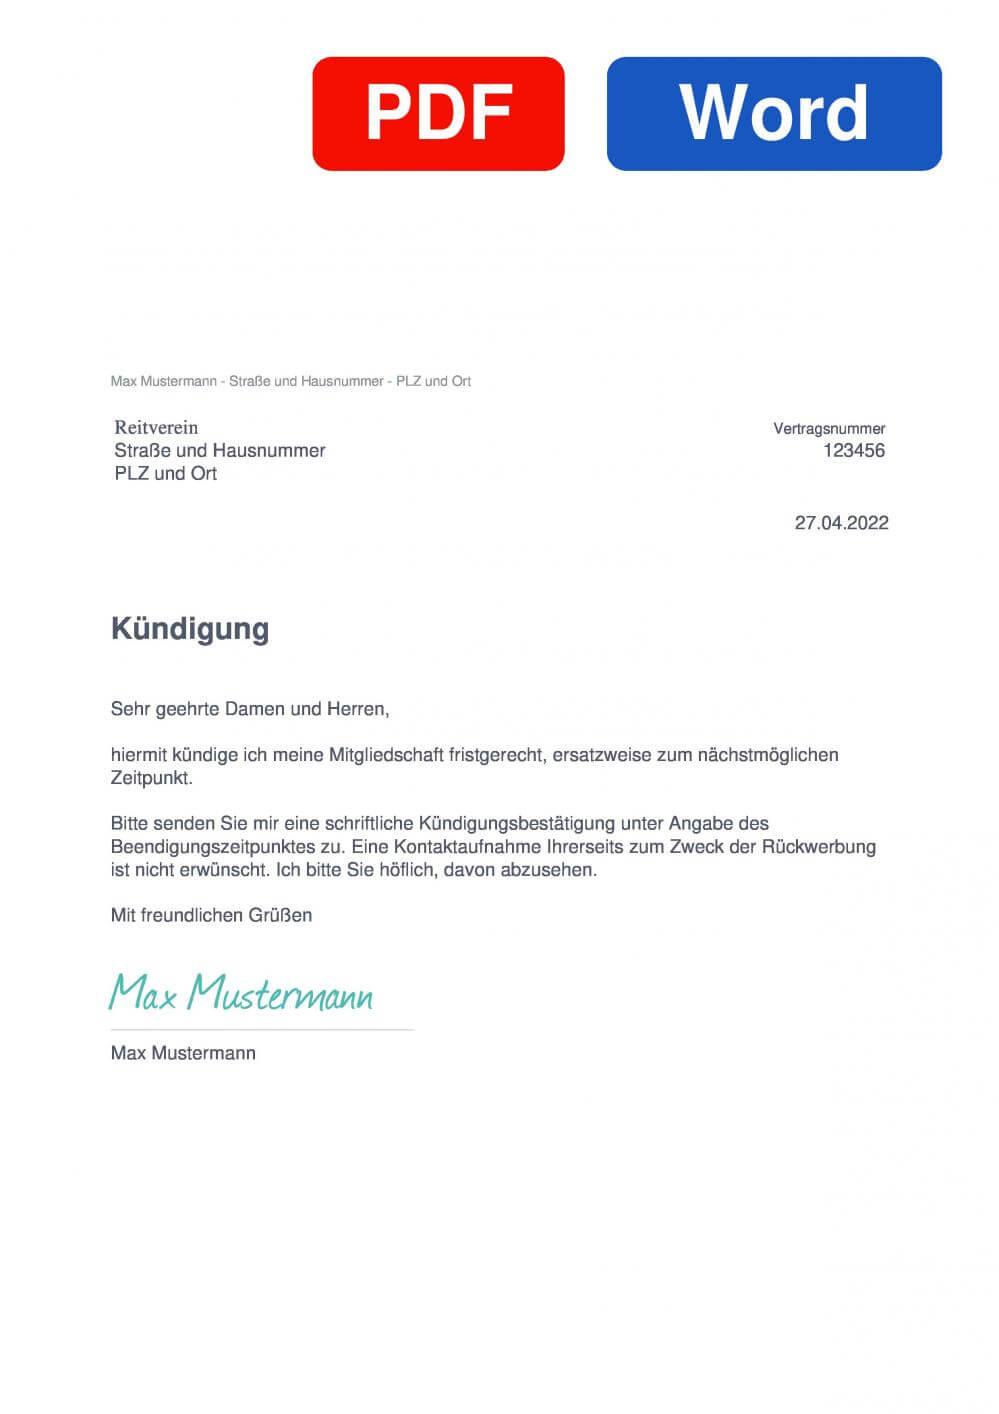 Reitverein Muster Vorlage für Kündigungsschreiben